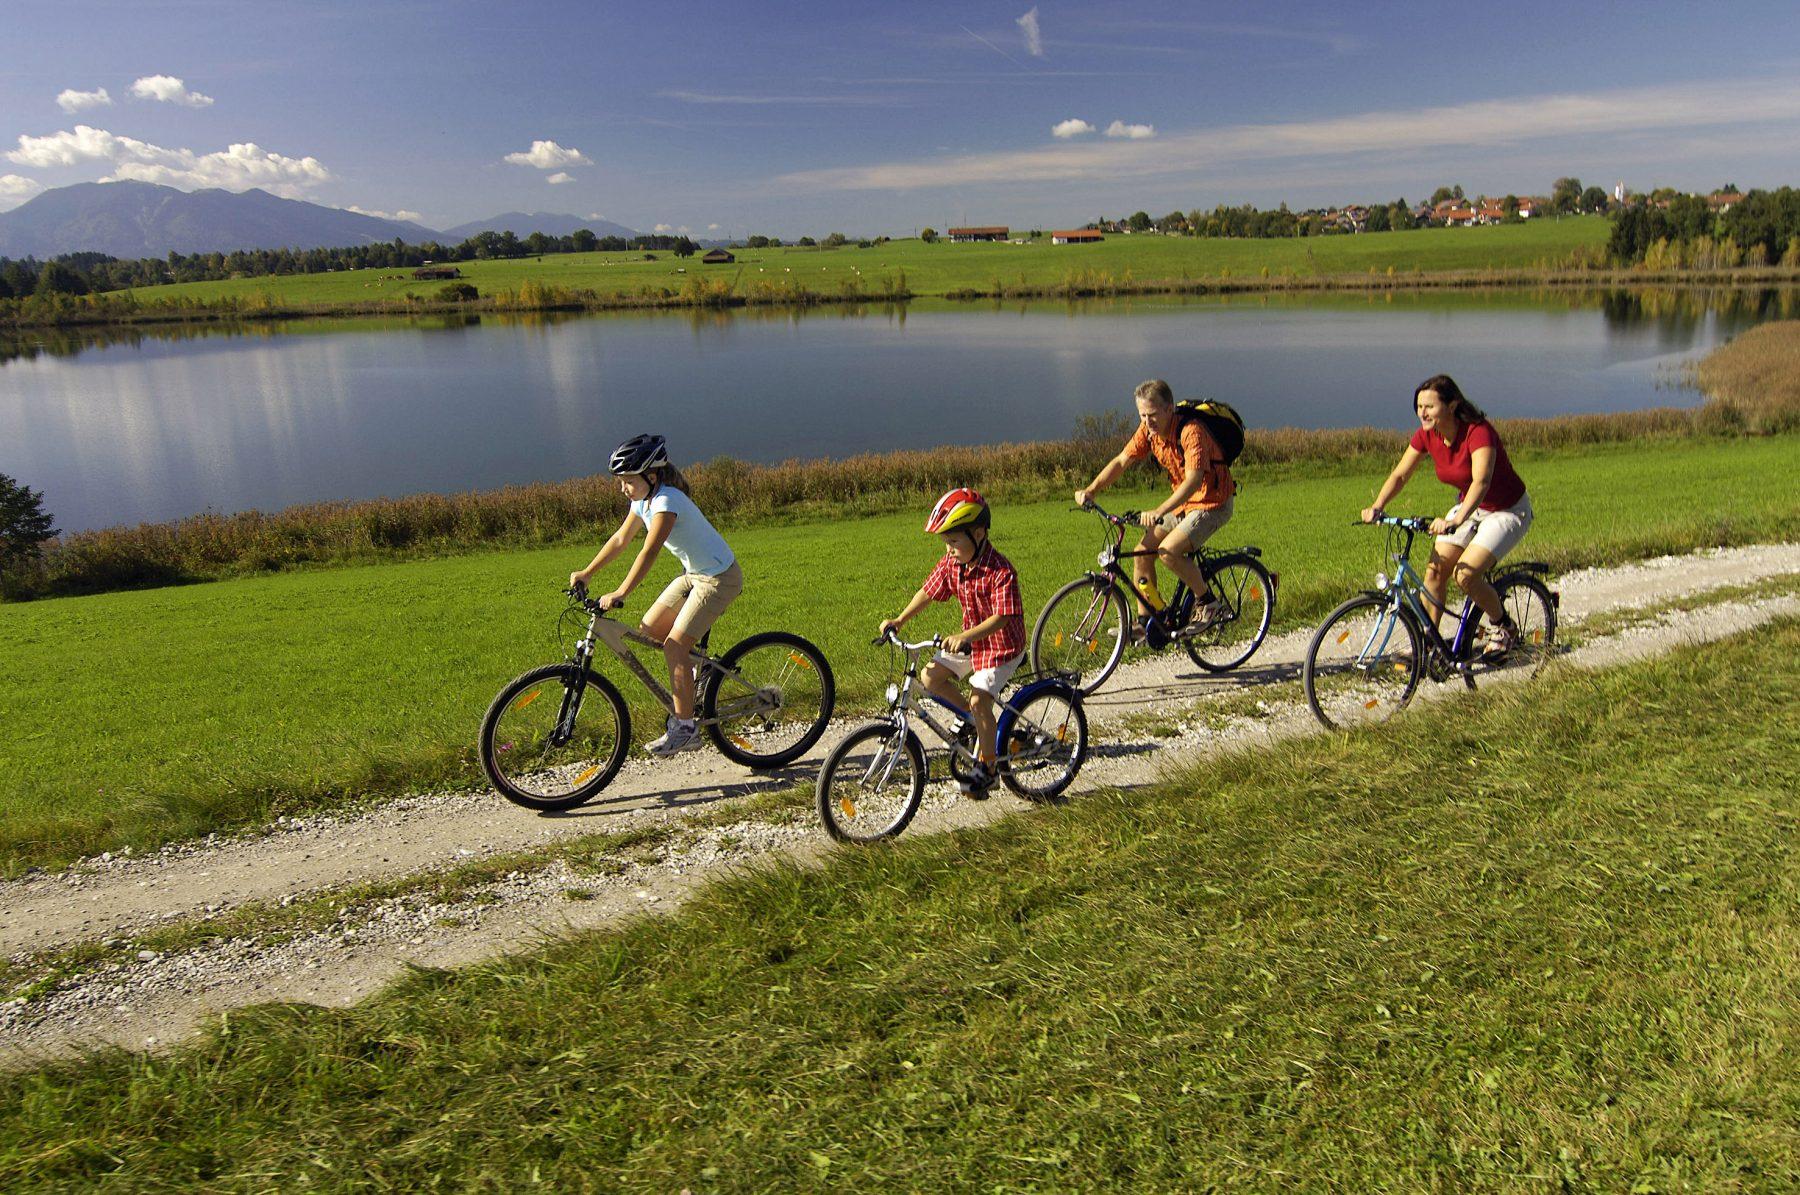 Perhe pyöräilee pyörätietä järven rannalla.